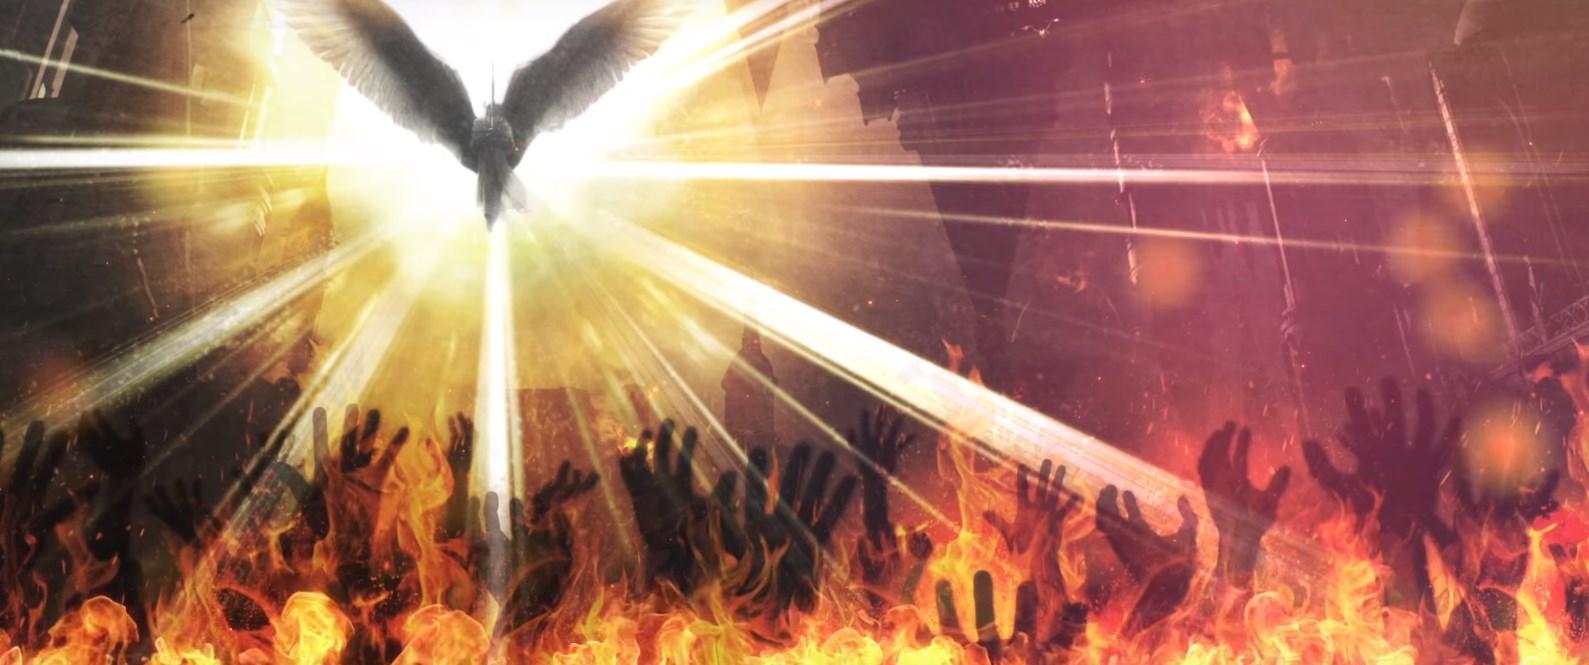 Gaia se revoltando contra a humanidade em Babylon's Fall